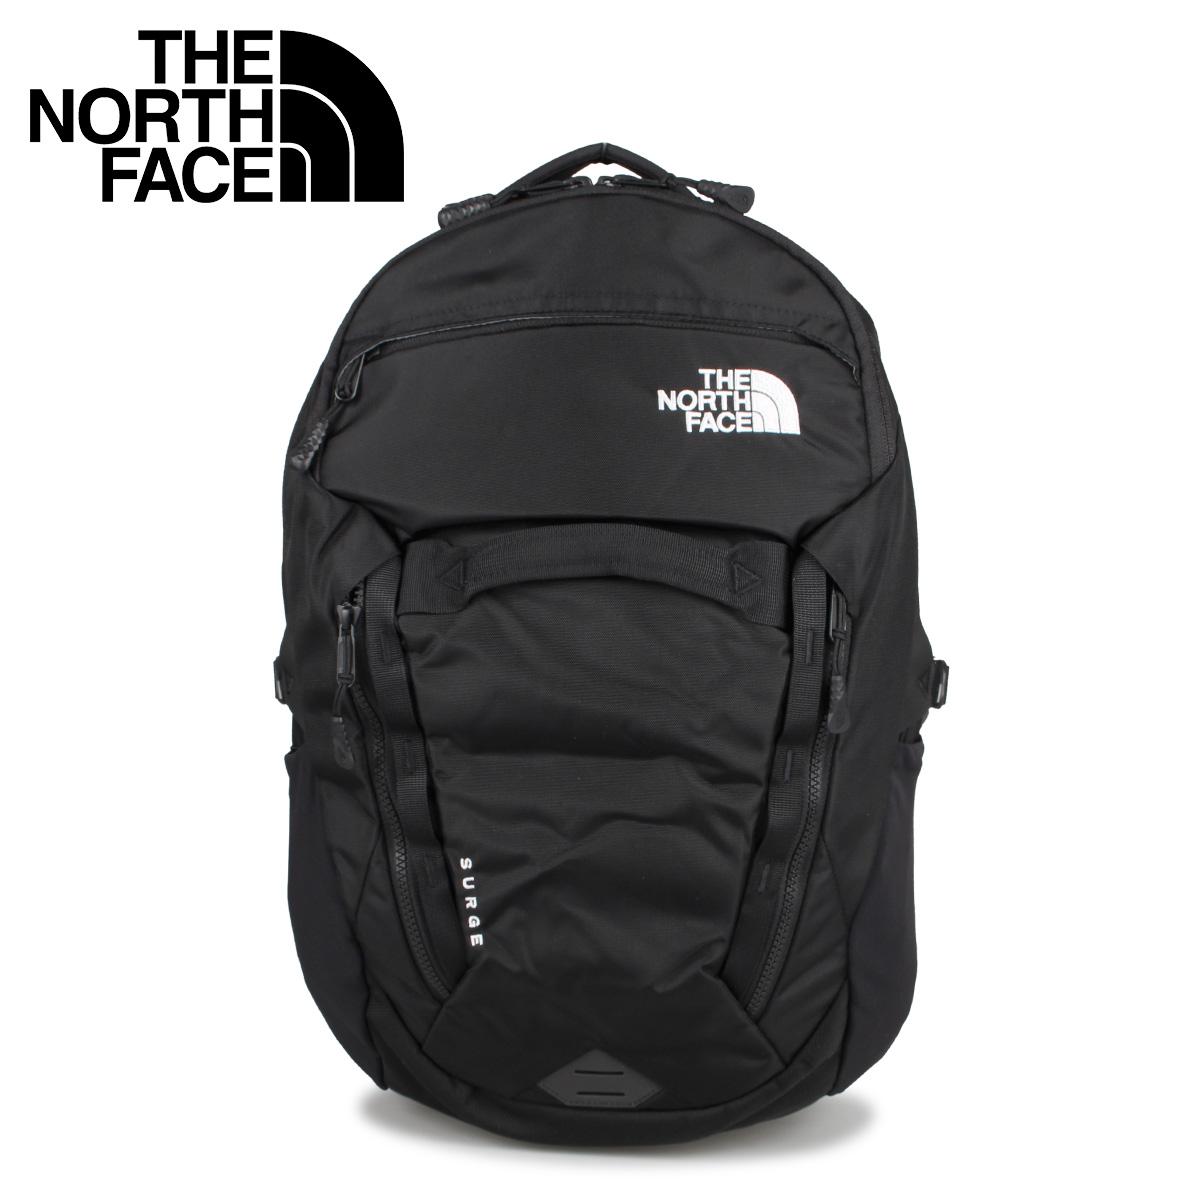 ノースフェイス THE NORTH FACE リュック バッグ バックパック サージ メンズ レディース 31L SURGE ブラック 黒 NF0A3ETV [10月 新入荷]